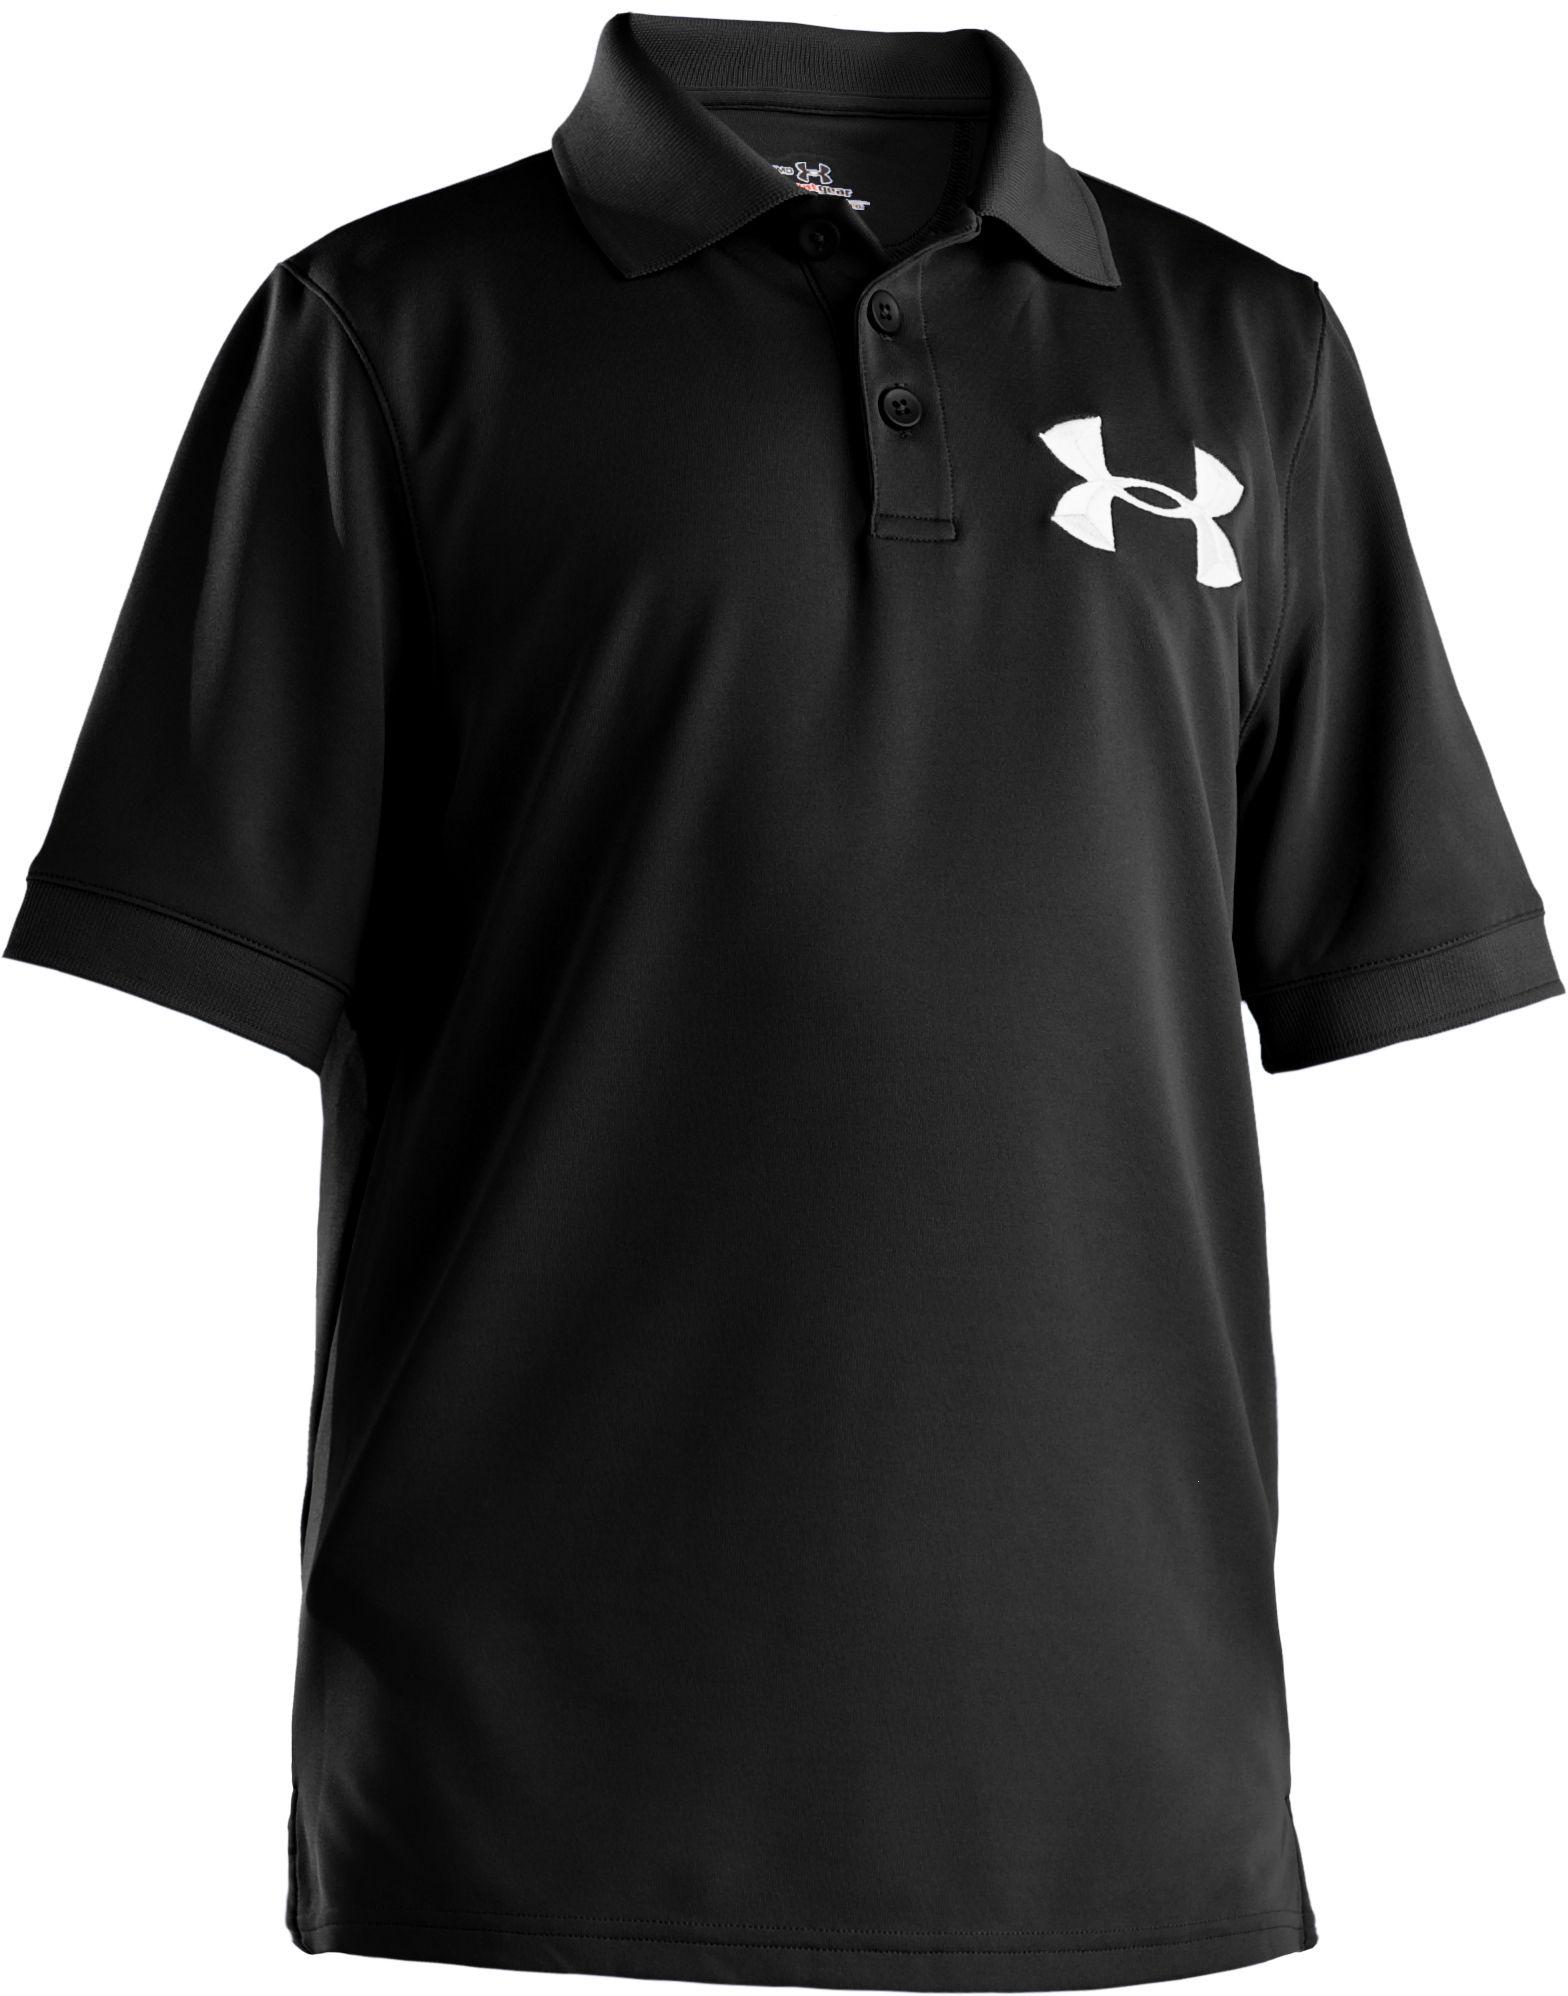 Under Armour Boys Big Logo Polo Golf